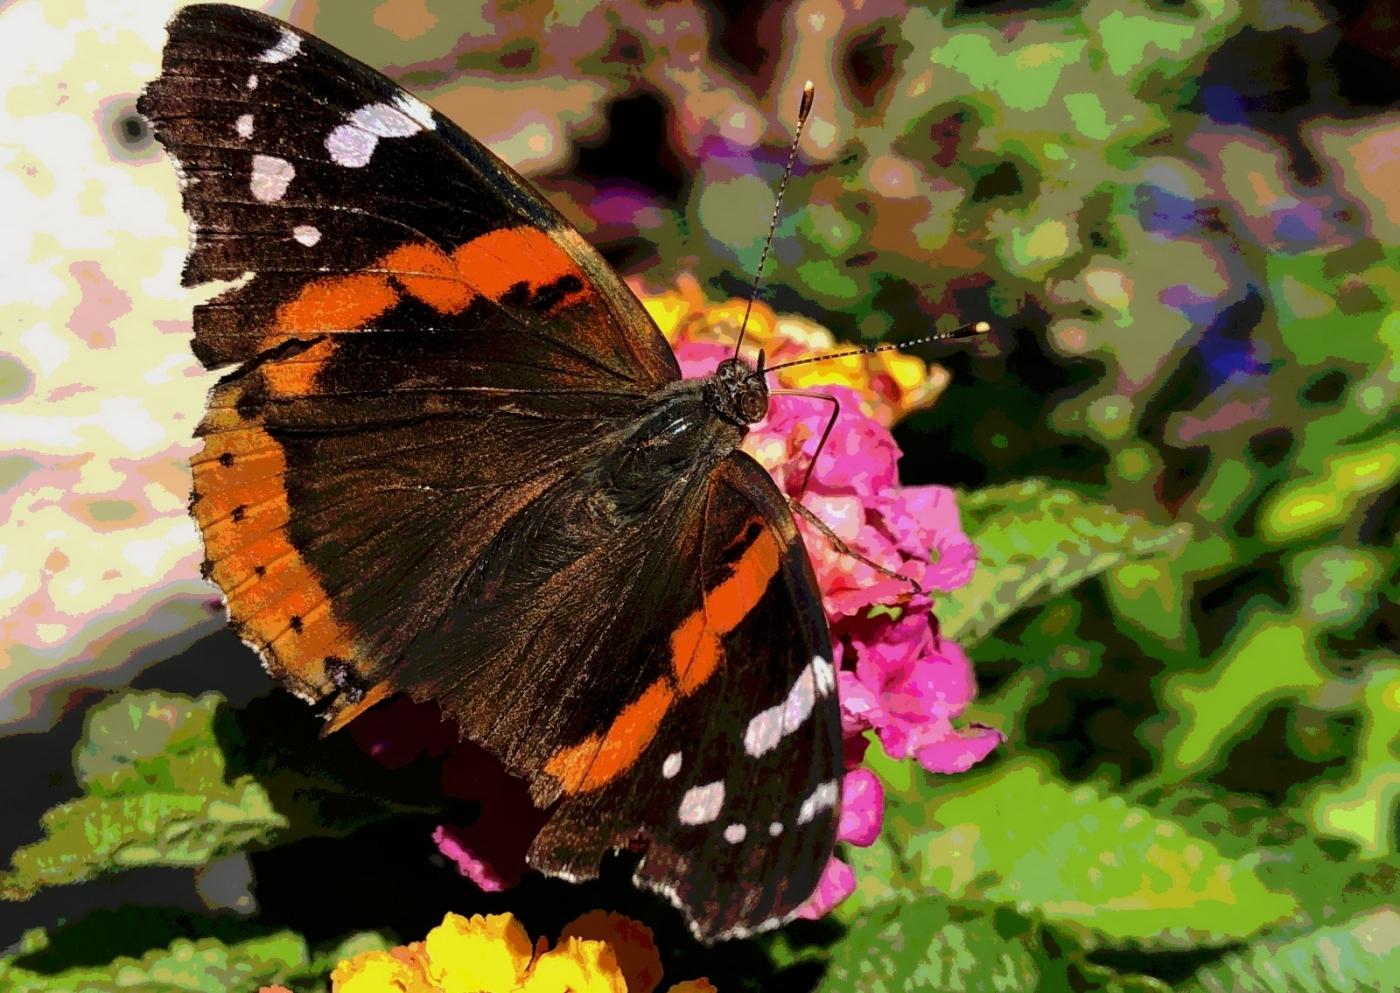 【田螺随拍】我种了马鞭草蝴蝶就来了_图1-12